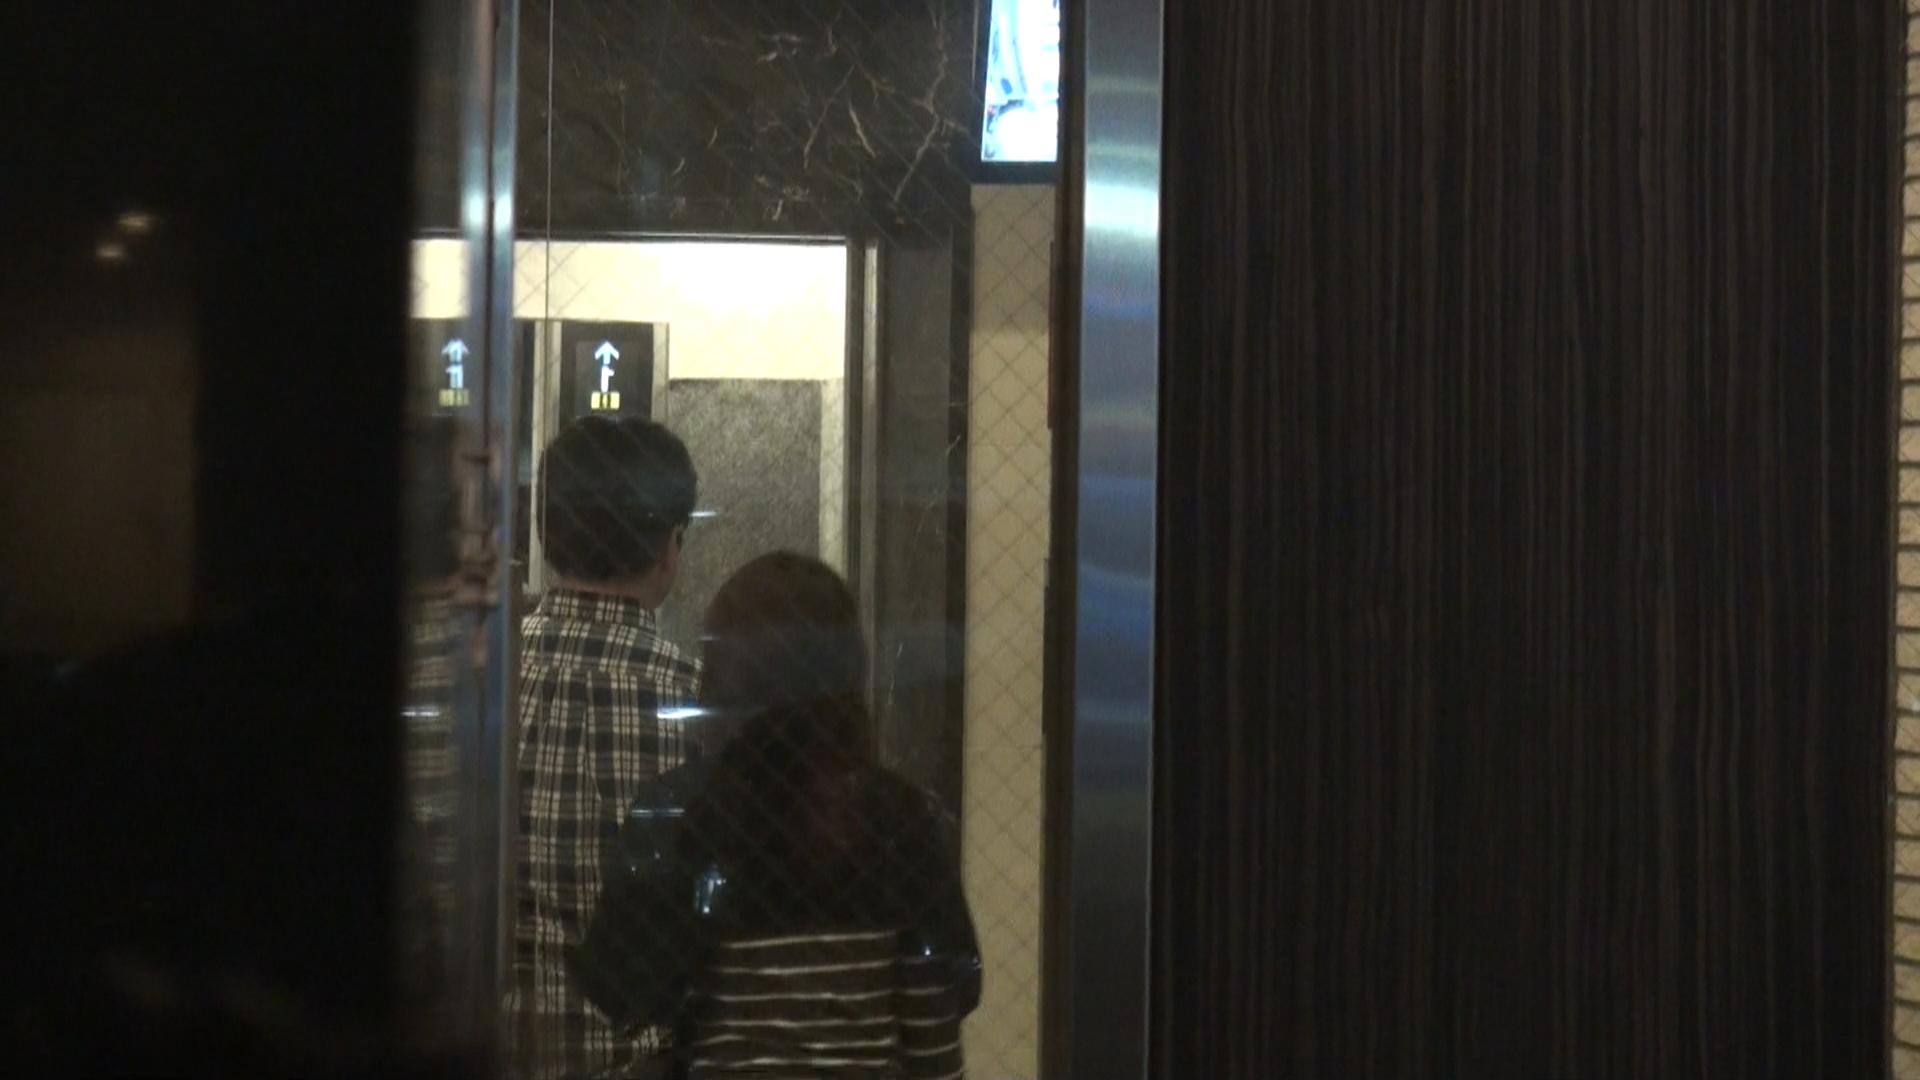 【浮気調査】のご依頼を頂いた大阪府堺市のお客様の声